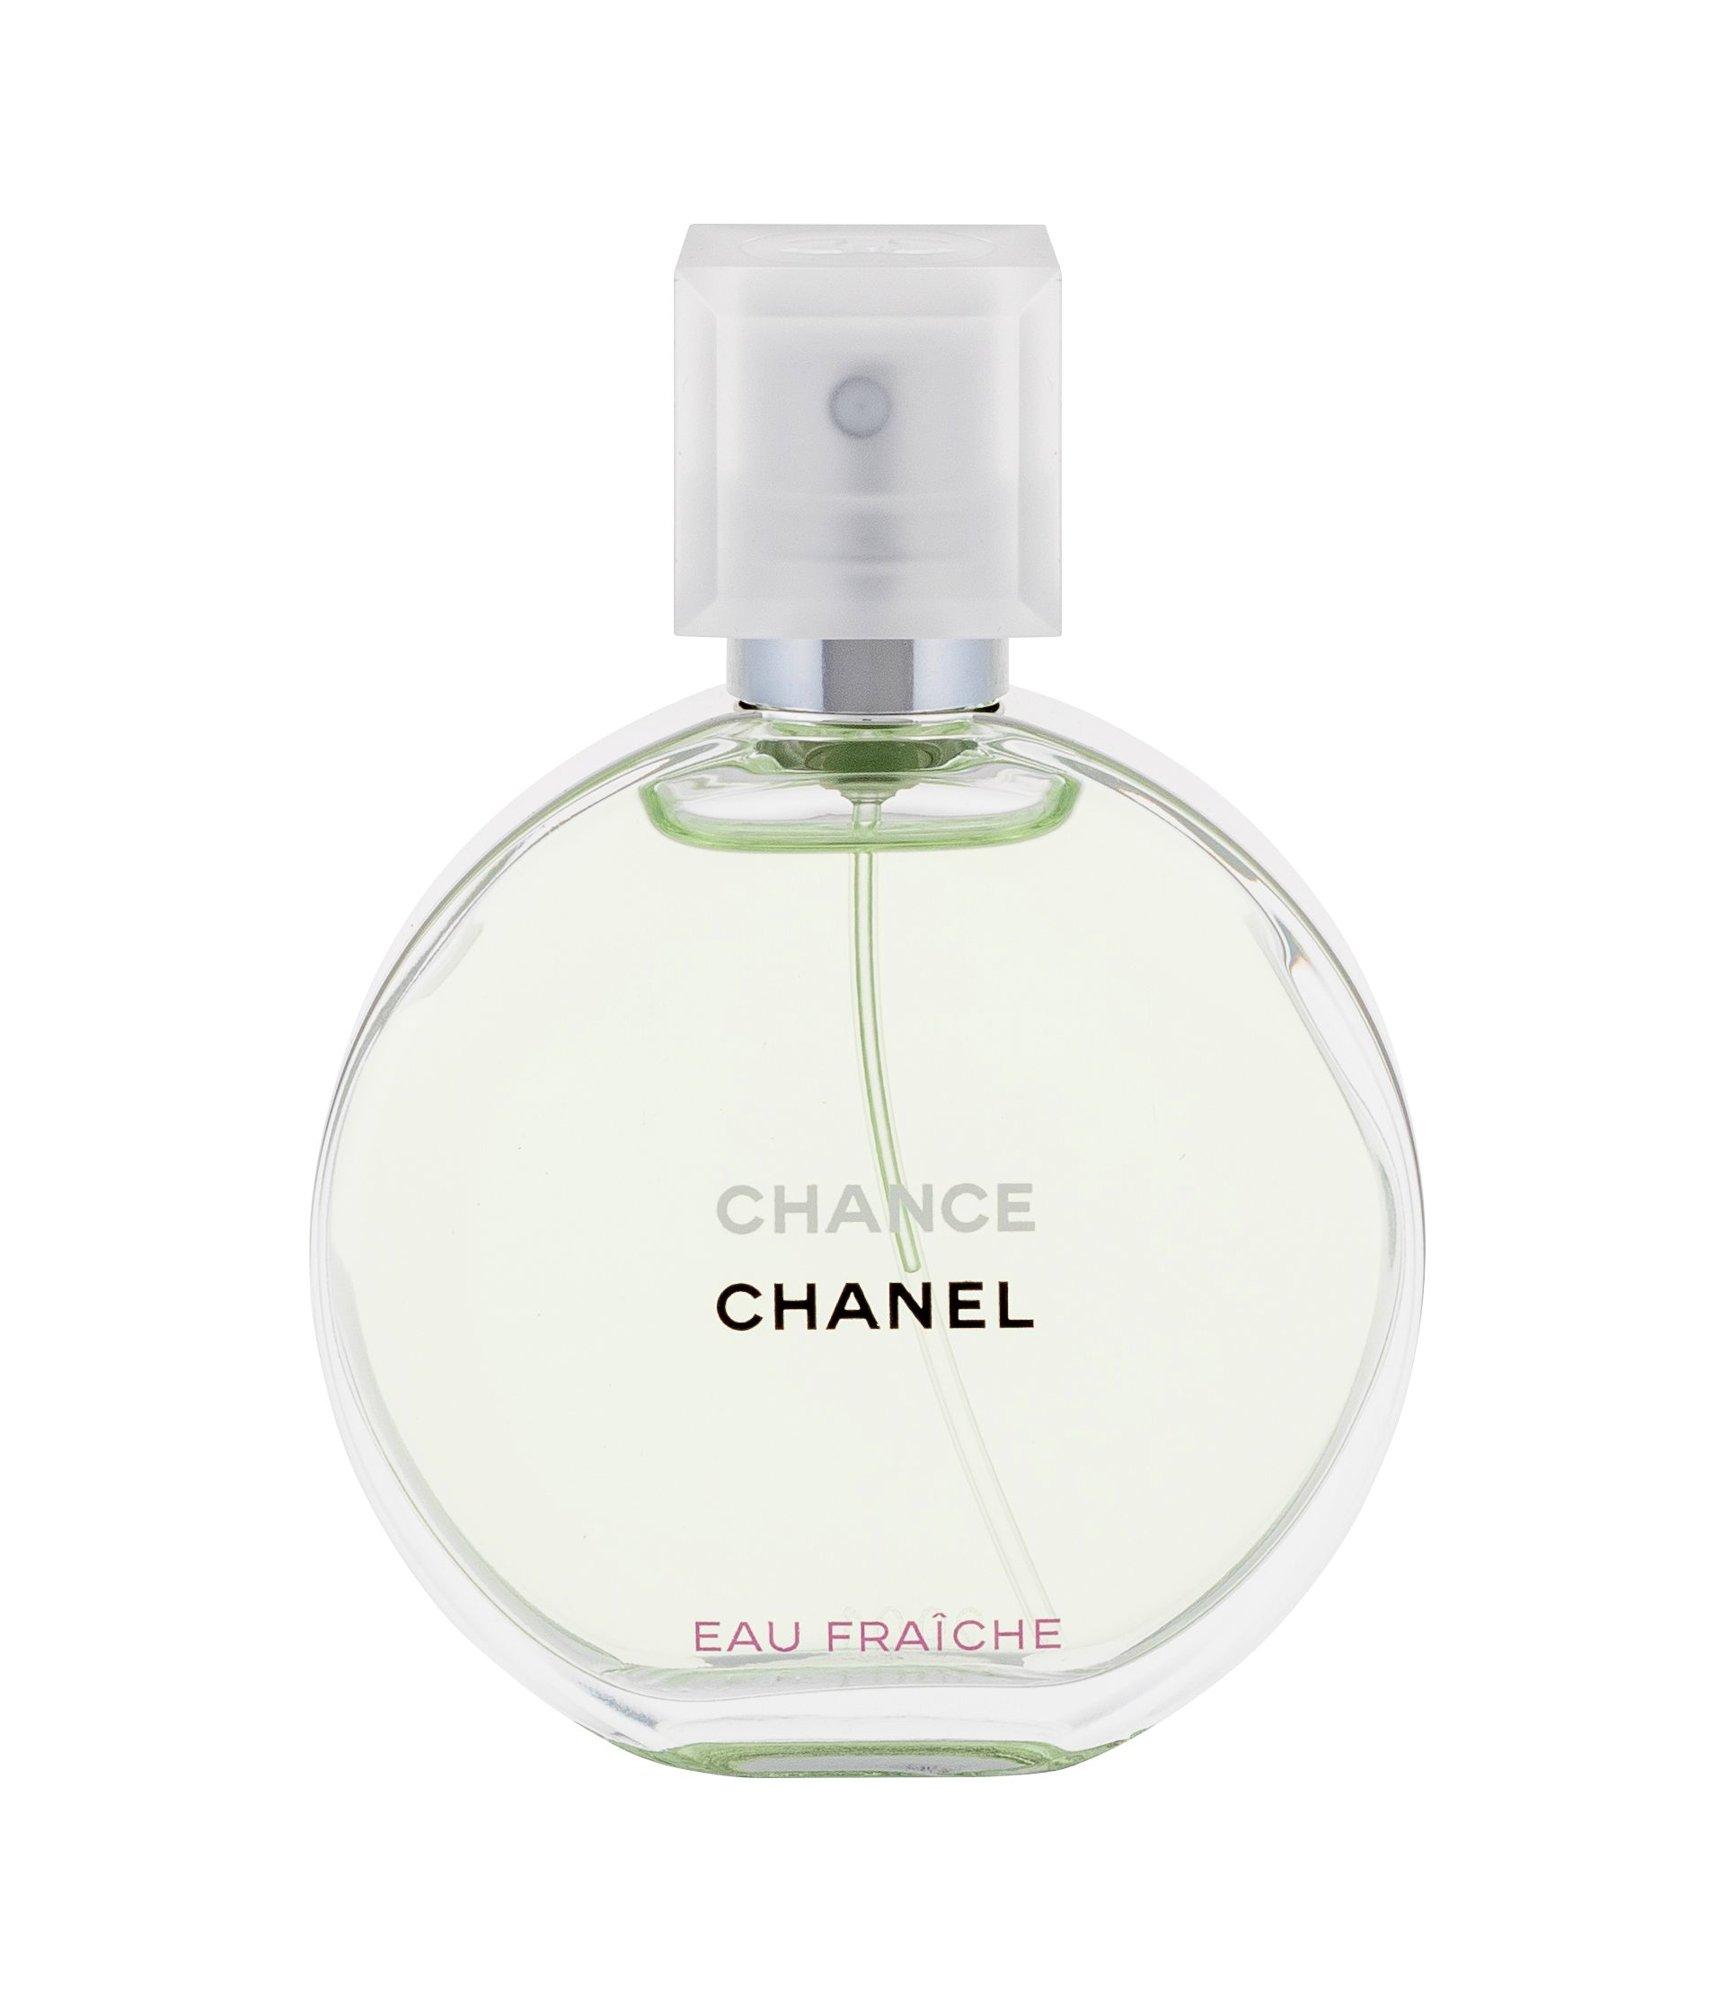 Chanel Chance Eau Fraiche Eau de Toilette 35ml